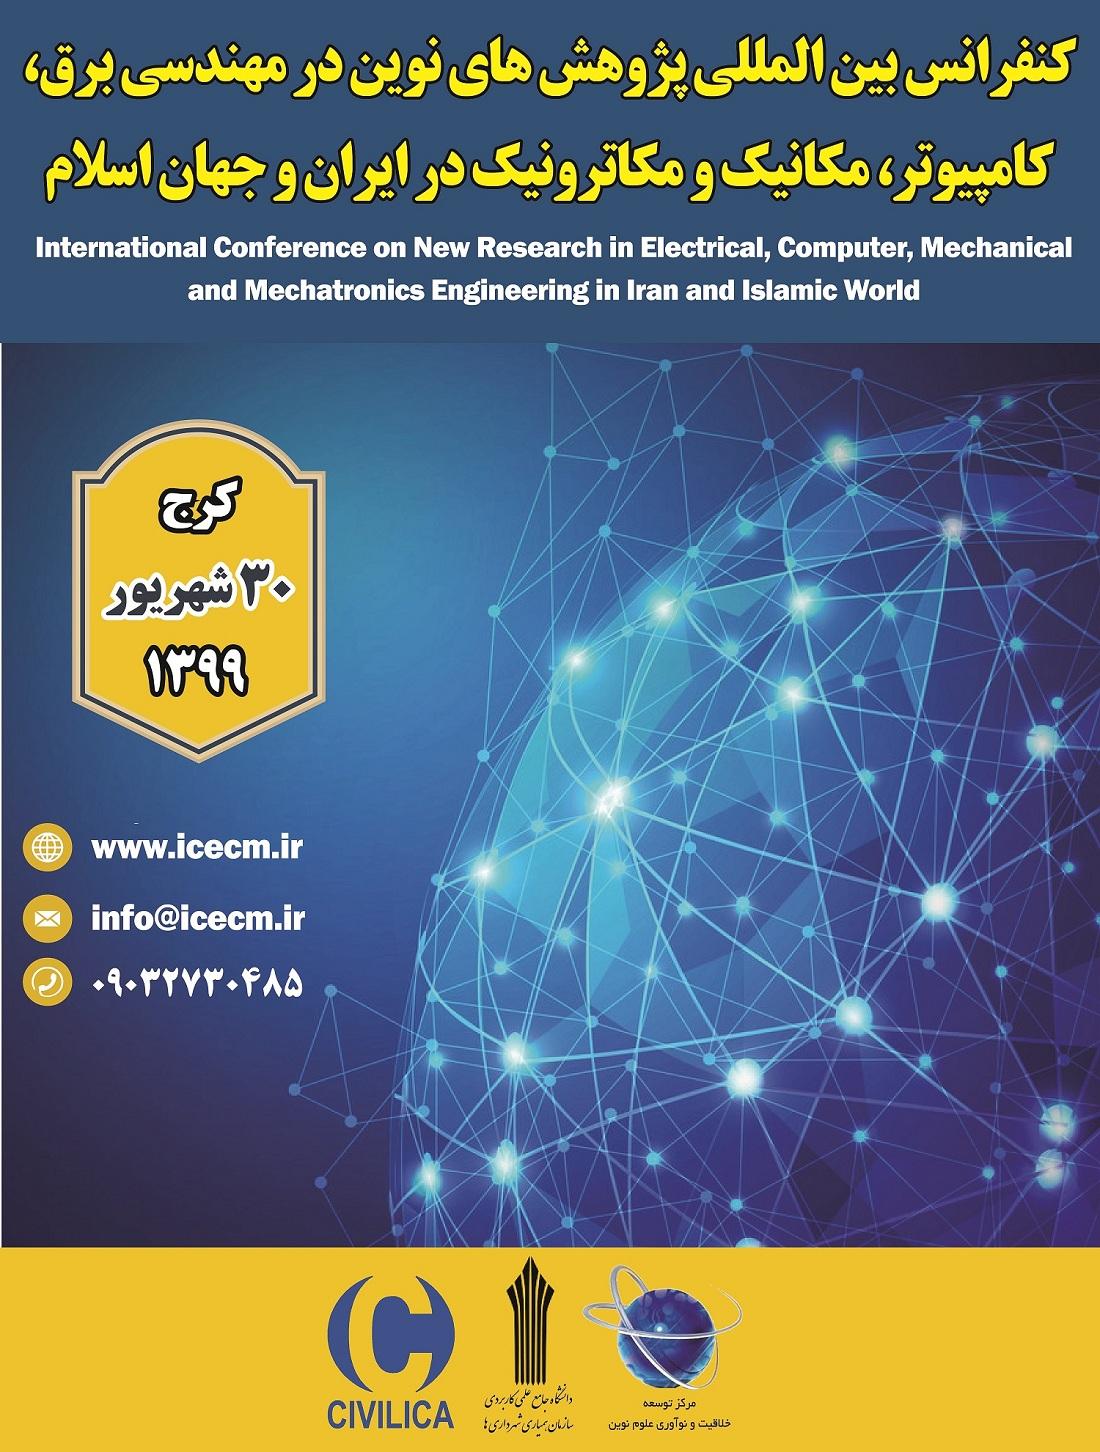 کنفرانس بین المللی پژوهش های نوین در مهندسی برق، کامپیوتر، مکانیک و مکاترونیک در ایران و جهان اسلام